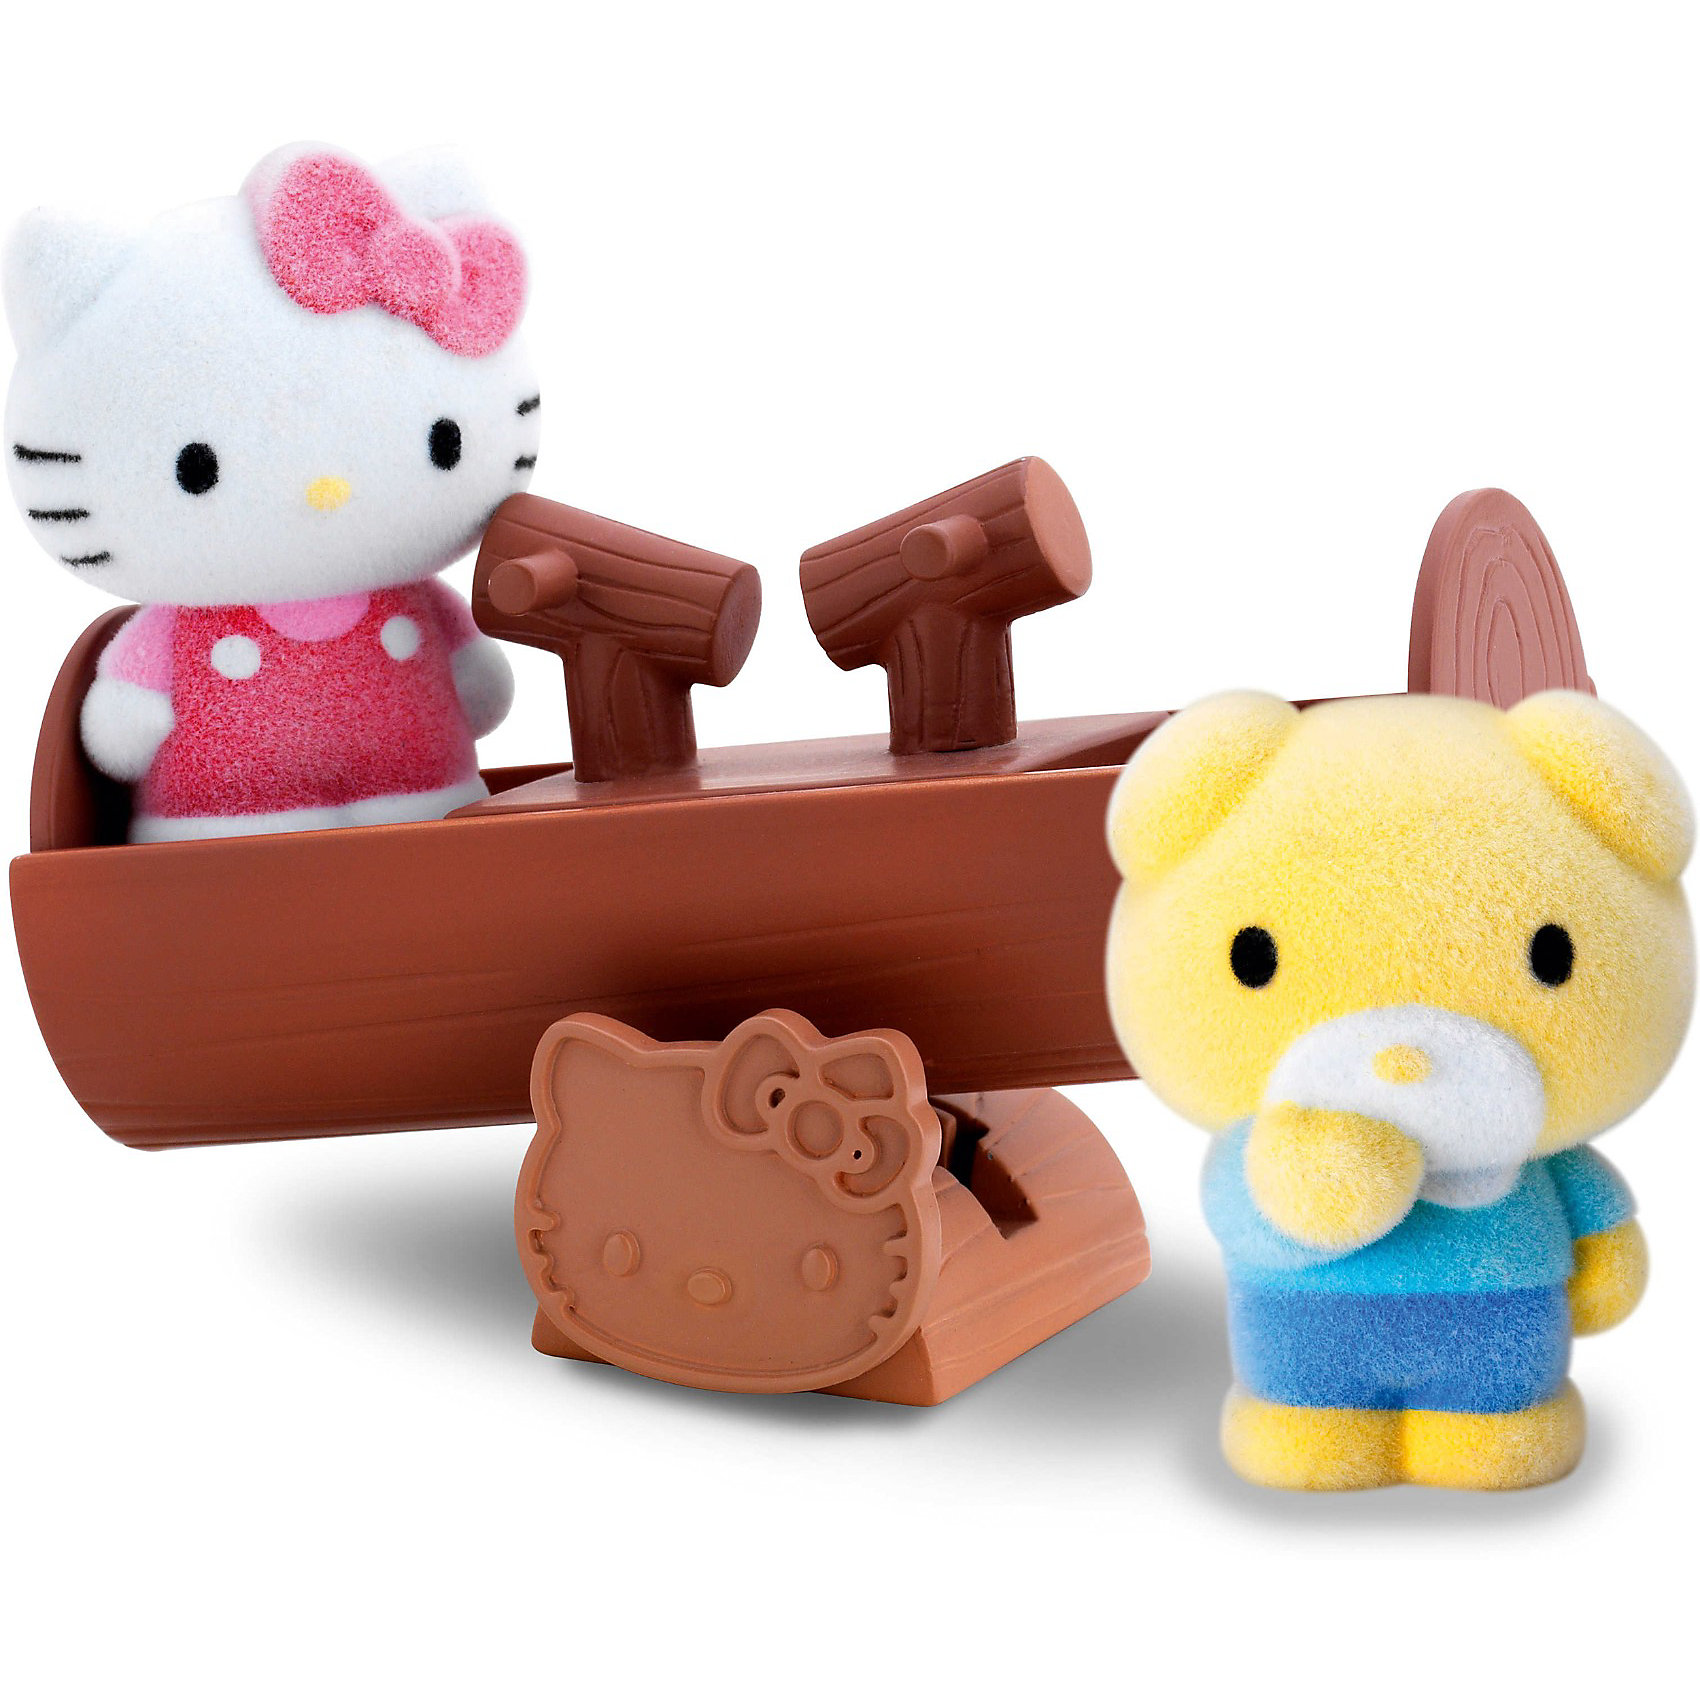 Игровой набор Веселые качели Hello Kitty, Blue BoxЗамечательный набор понравится всем любителям очаровательной кошечки. Пусть Китти  со своим другом Типпи качается на качелях и веселится вместе с тобой! Маленькие бархатные фигурки очень приятны на ощупь и прекрасно помещаются в детской ладошке или кармане. Их можно брать куда угодно - на прогулку, в гости, в детский сад - теперь твои маленькие друзья всегда будут рядом. Собери все игровые наборы  Hello Kitty (Хелло Китти) и создай  городок, в котором будет уютно Kitty и ее друзьям. Игрушки прекрасно детализированы и выполнены из высококачественных гипоаллергенных материалов безвредных для детей.<br><br>Дополнительная информация:<br><br>- Комплектация: качель, фигурки ( 2 шт.)<br>- Материал: пластик, флок.<br>- Размер фигурки: 3,5 см.<br><br>Игровой набор Веселые качели Hello Kitty ( Хелло Кити), Blue Box<br><br>Ширина мм: 324<br>Глубина мм: 196<br>Высота мм: 414<br>Вес г: 200<br>Возраст от месяцев: 48<br>Возраст до месяцев: 84<br>Пол: Женский<br>Возраст: Детский<br>SKU: 3905880